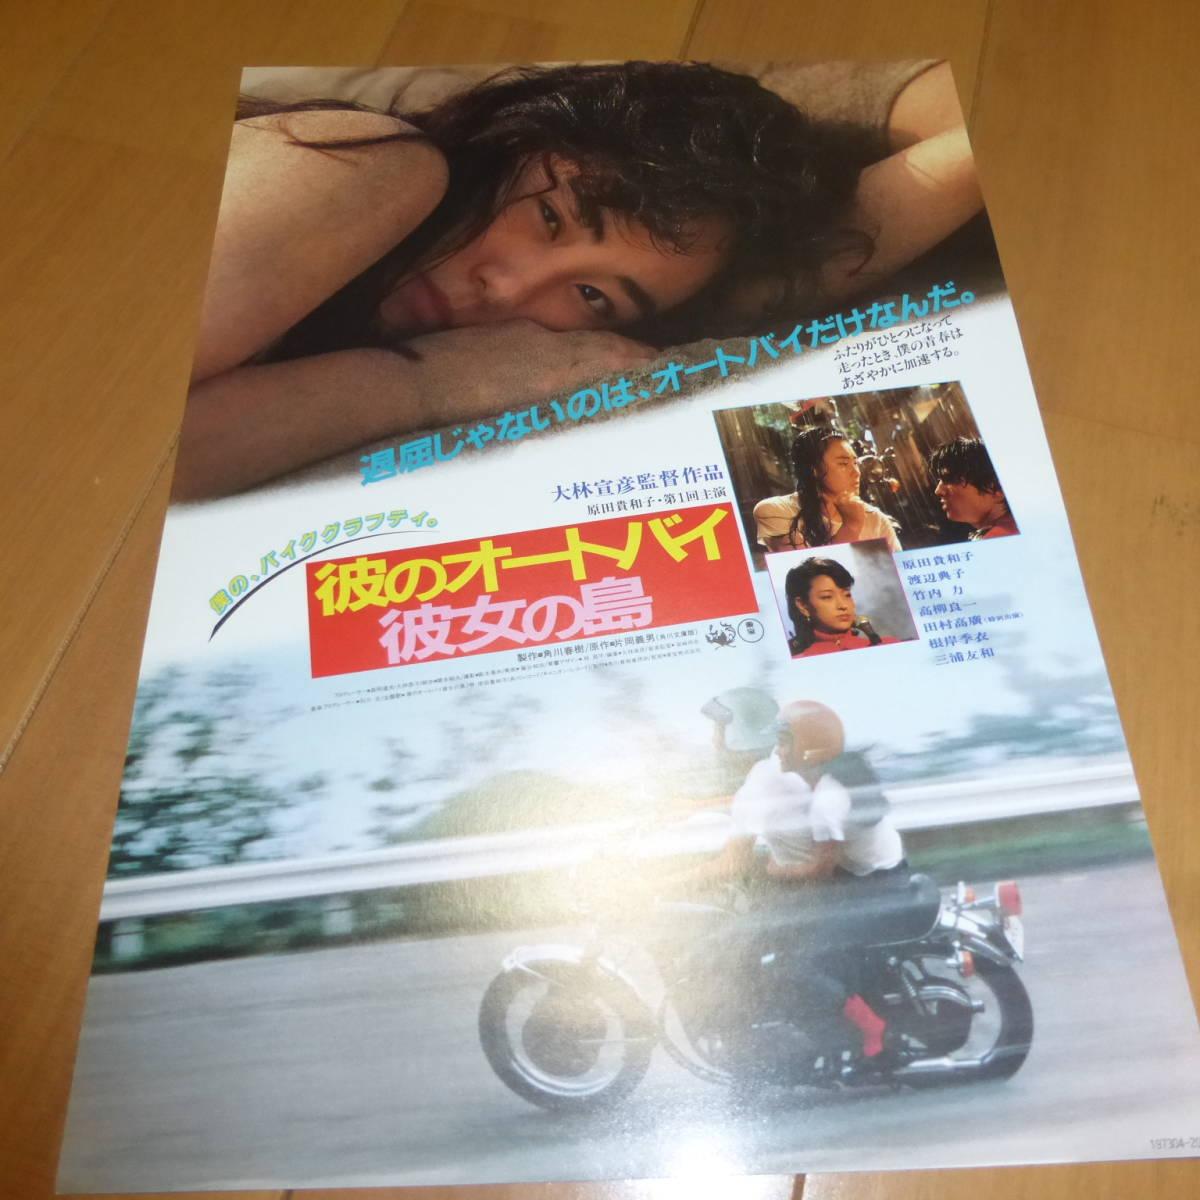 映画チラシ 彼のオートバイ 彼女の島